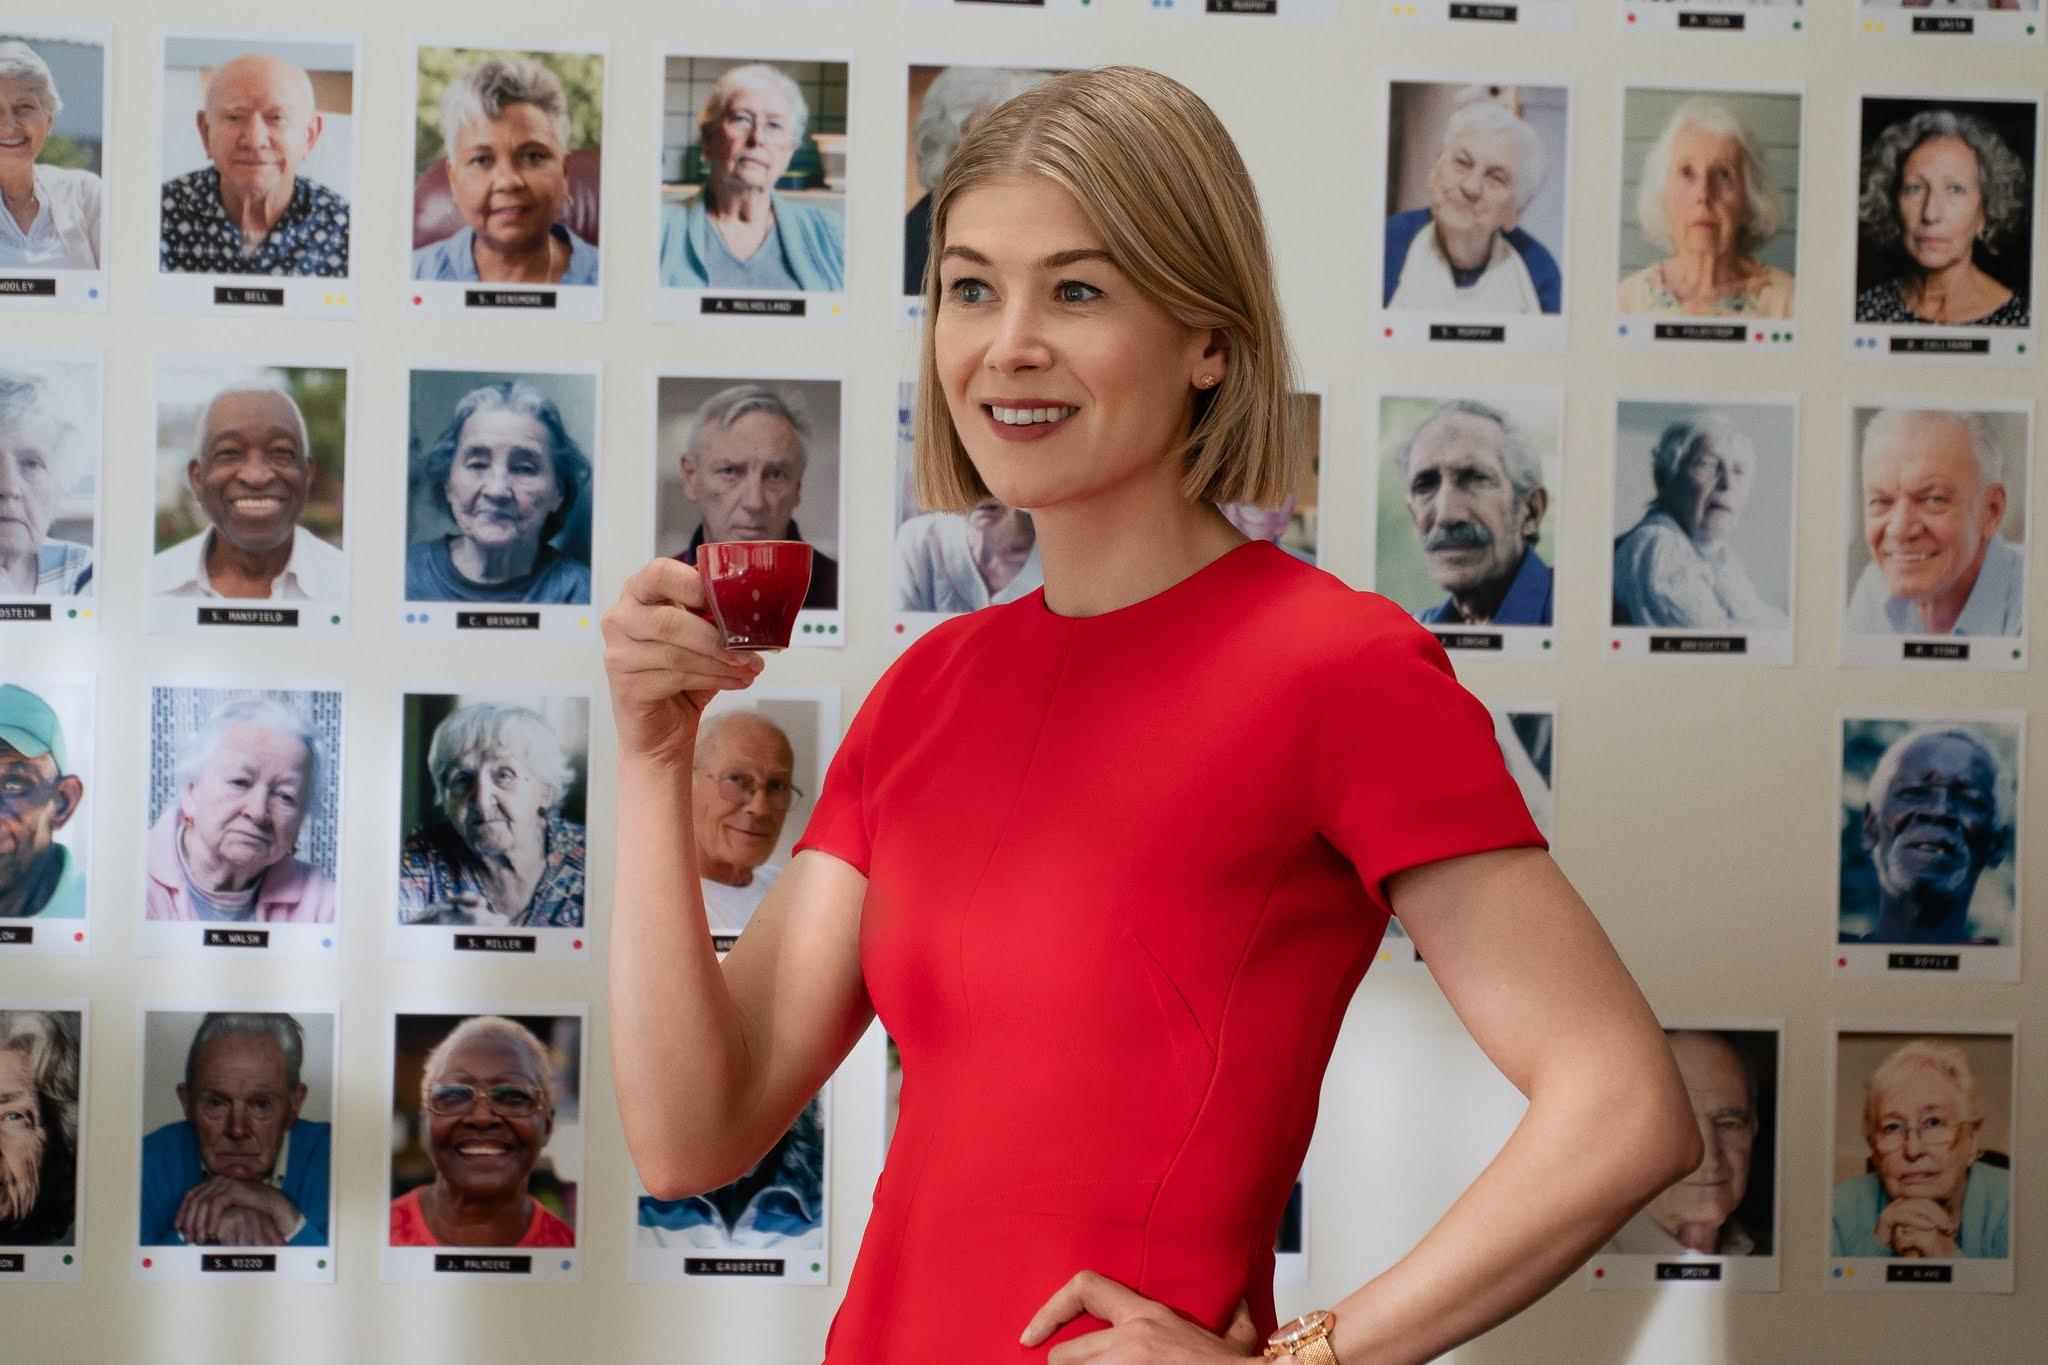 Cena do filme Eu Me Importo. No centro da imagem, a atriz Rousamand Pike, mulher branca com cabelo curto e loiro, veste uma blusa vermelha e segura uma xícara na cor vinho. O fundo da imagem é um quadro branco com diversos retratos de idosos.